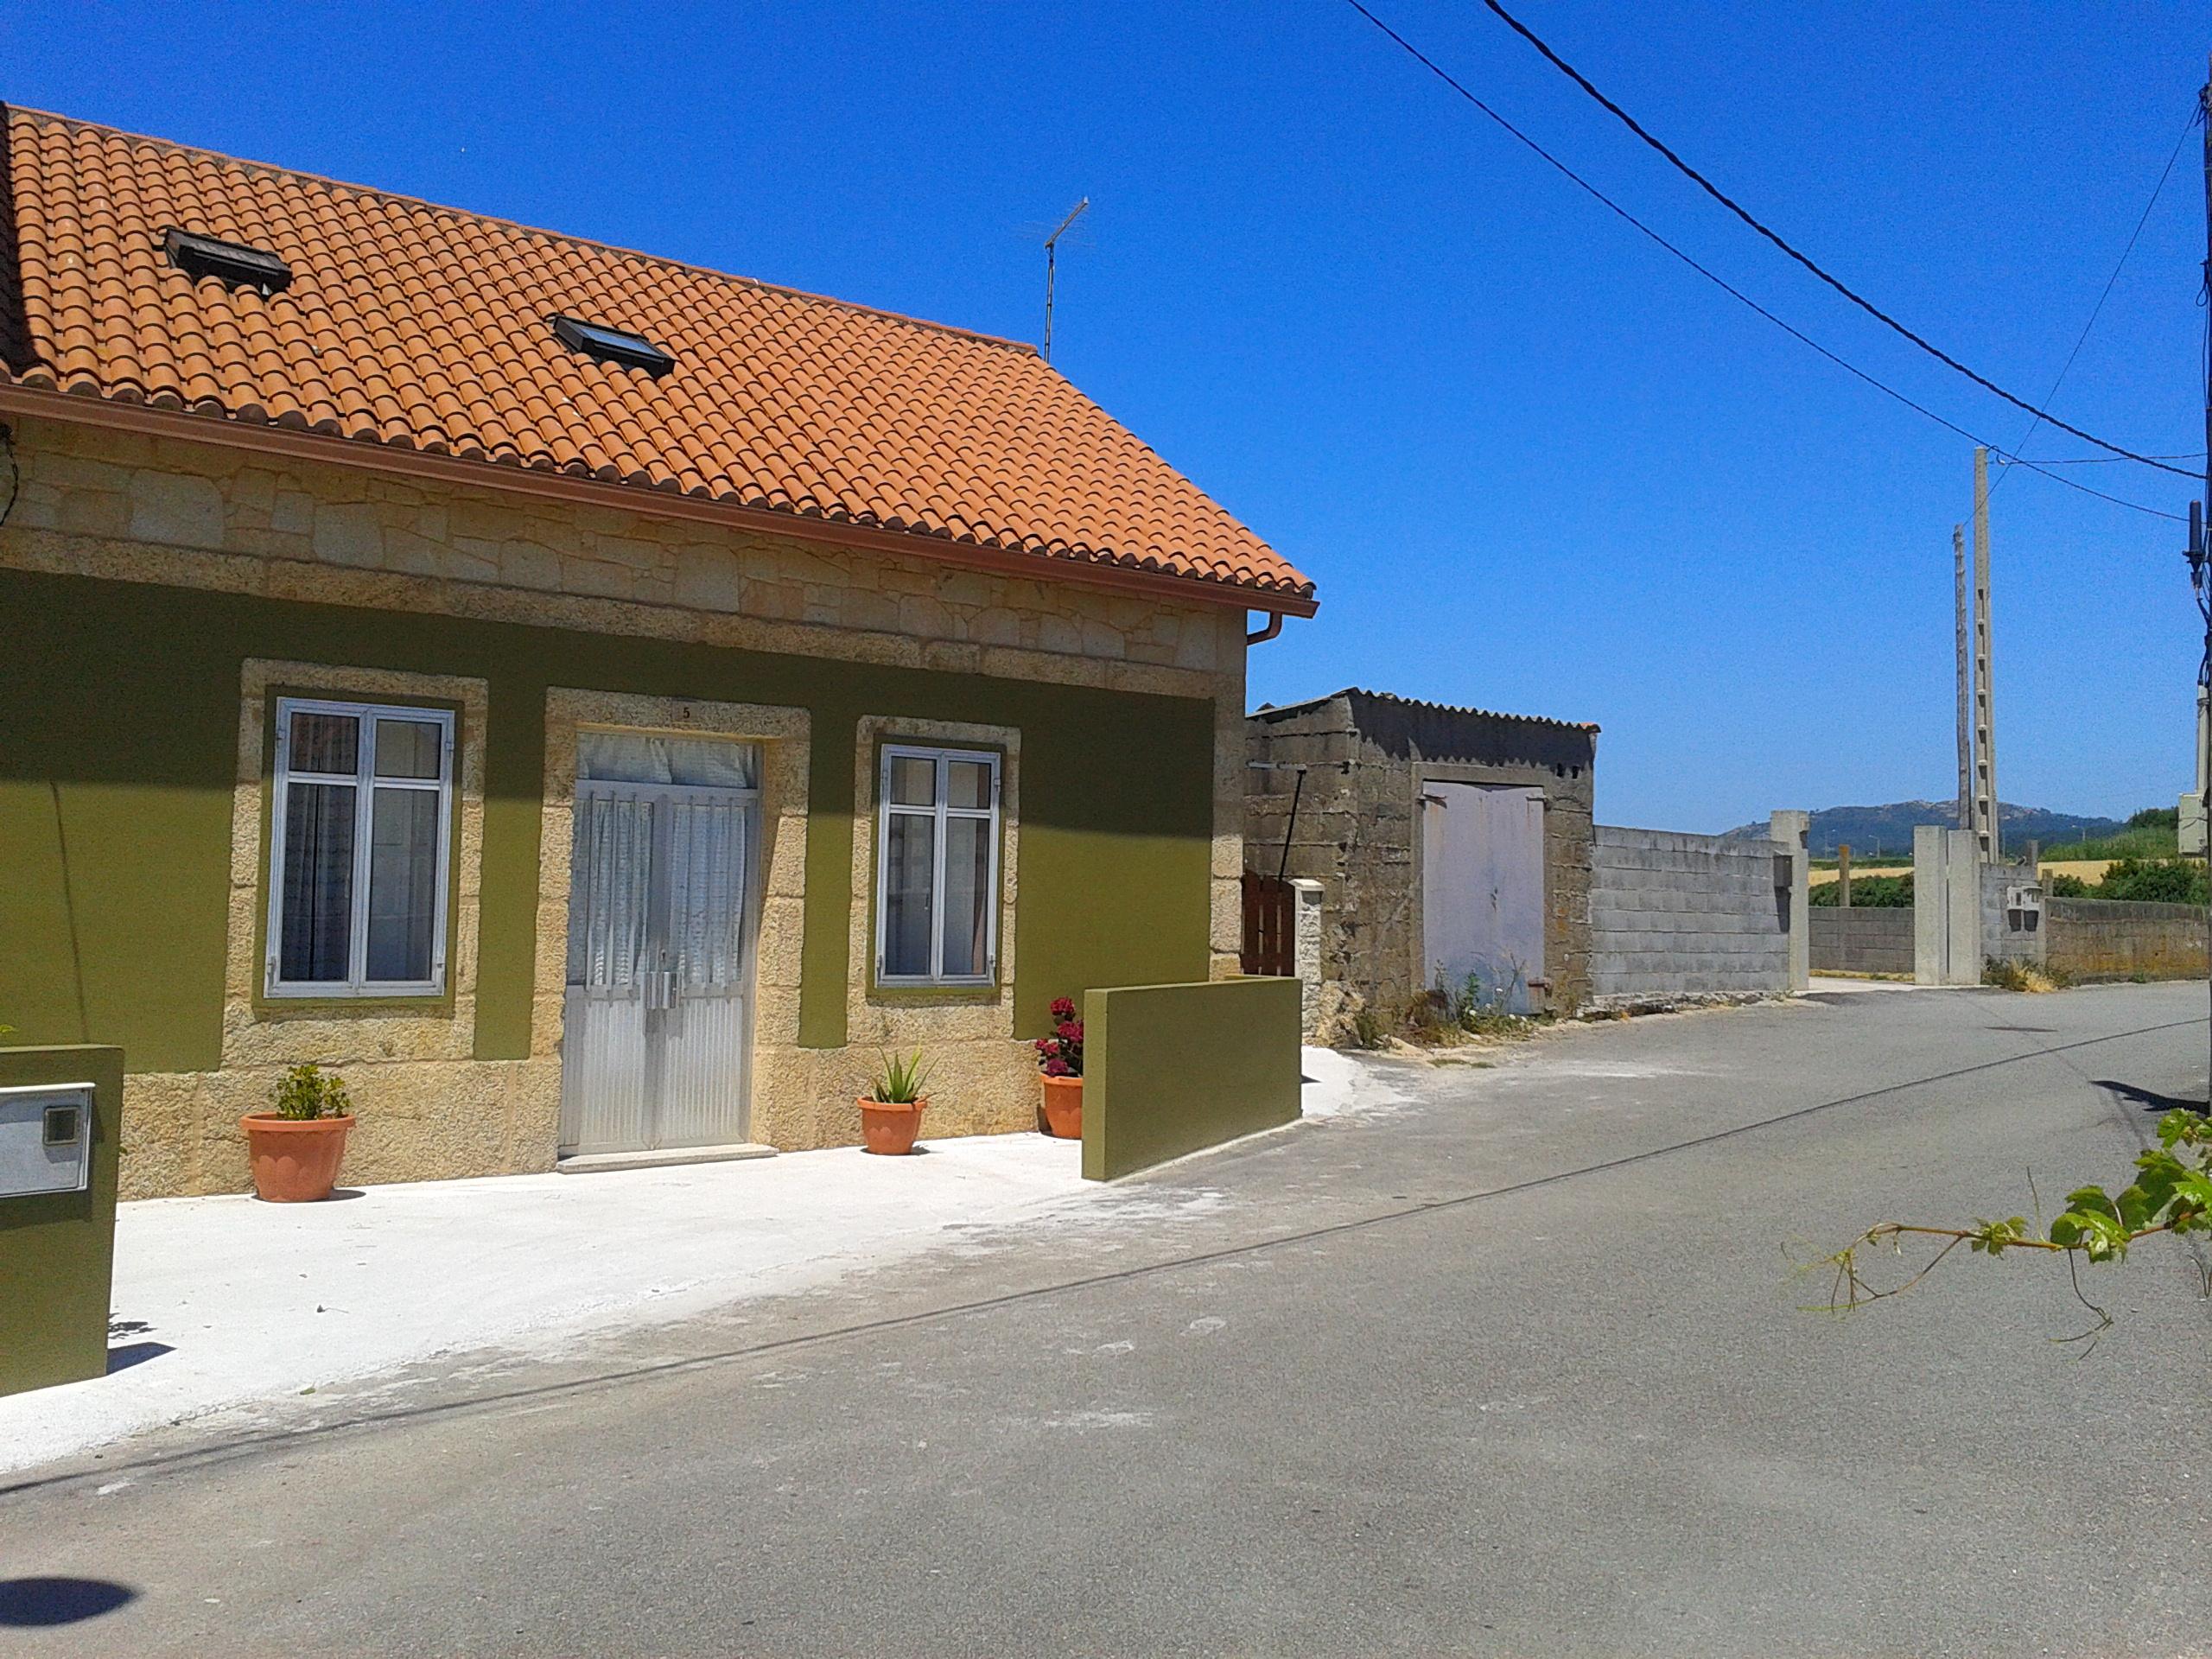 Alquiler casa rural galicia casa areeiros turismo rural - Alquiler casa rural galicia ...